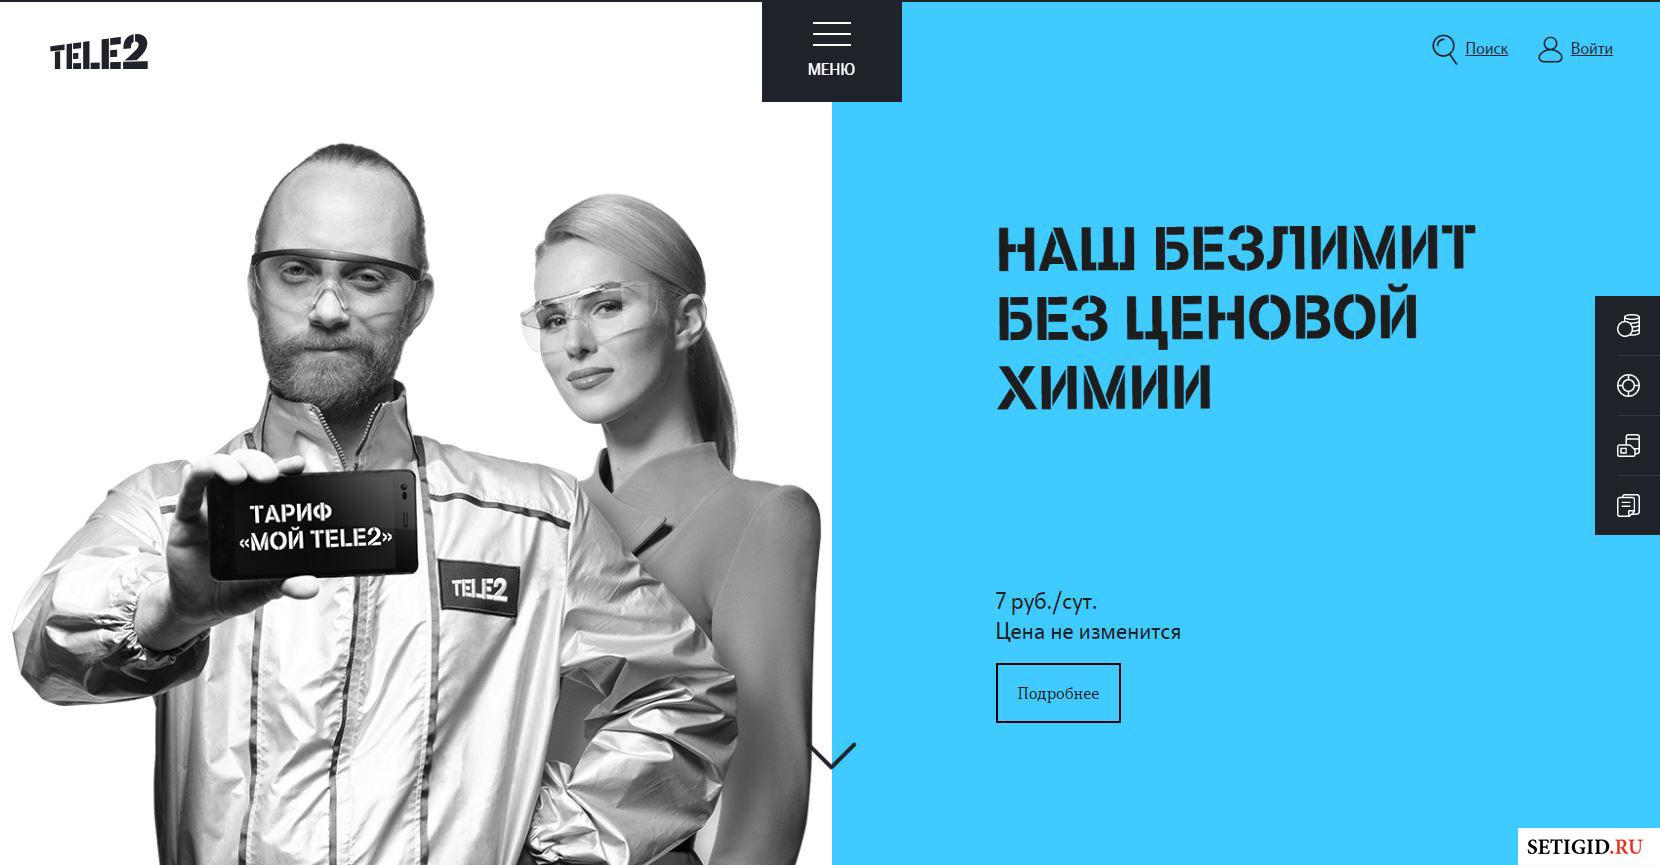 Официальном сайте компании tele2 официальный сайт компании far